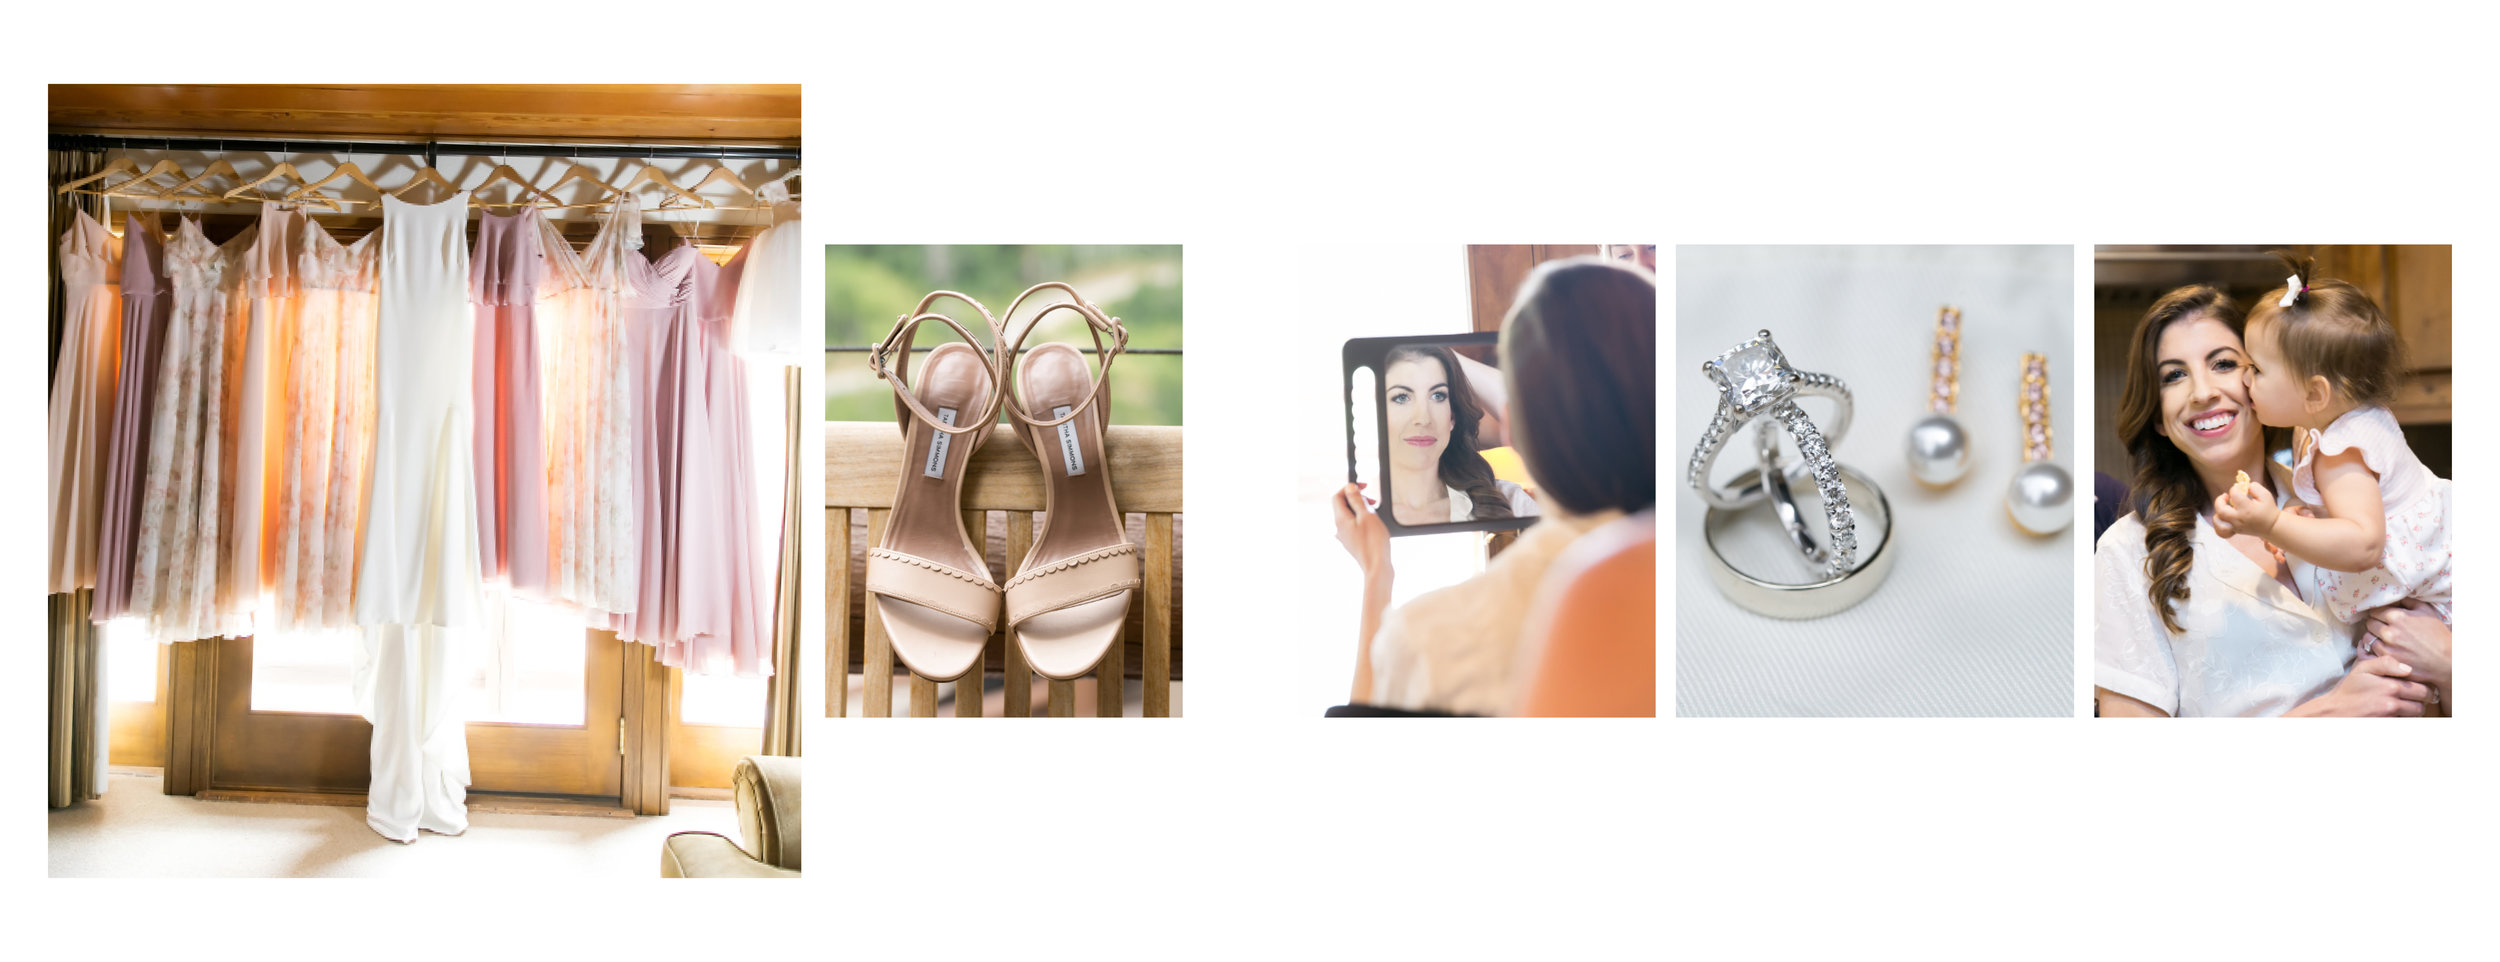 CatherineQuinnSample2.jpg